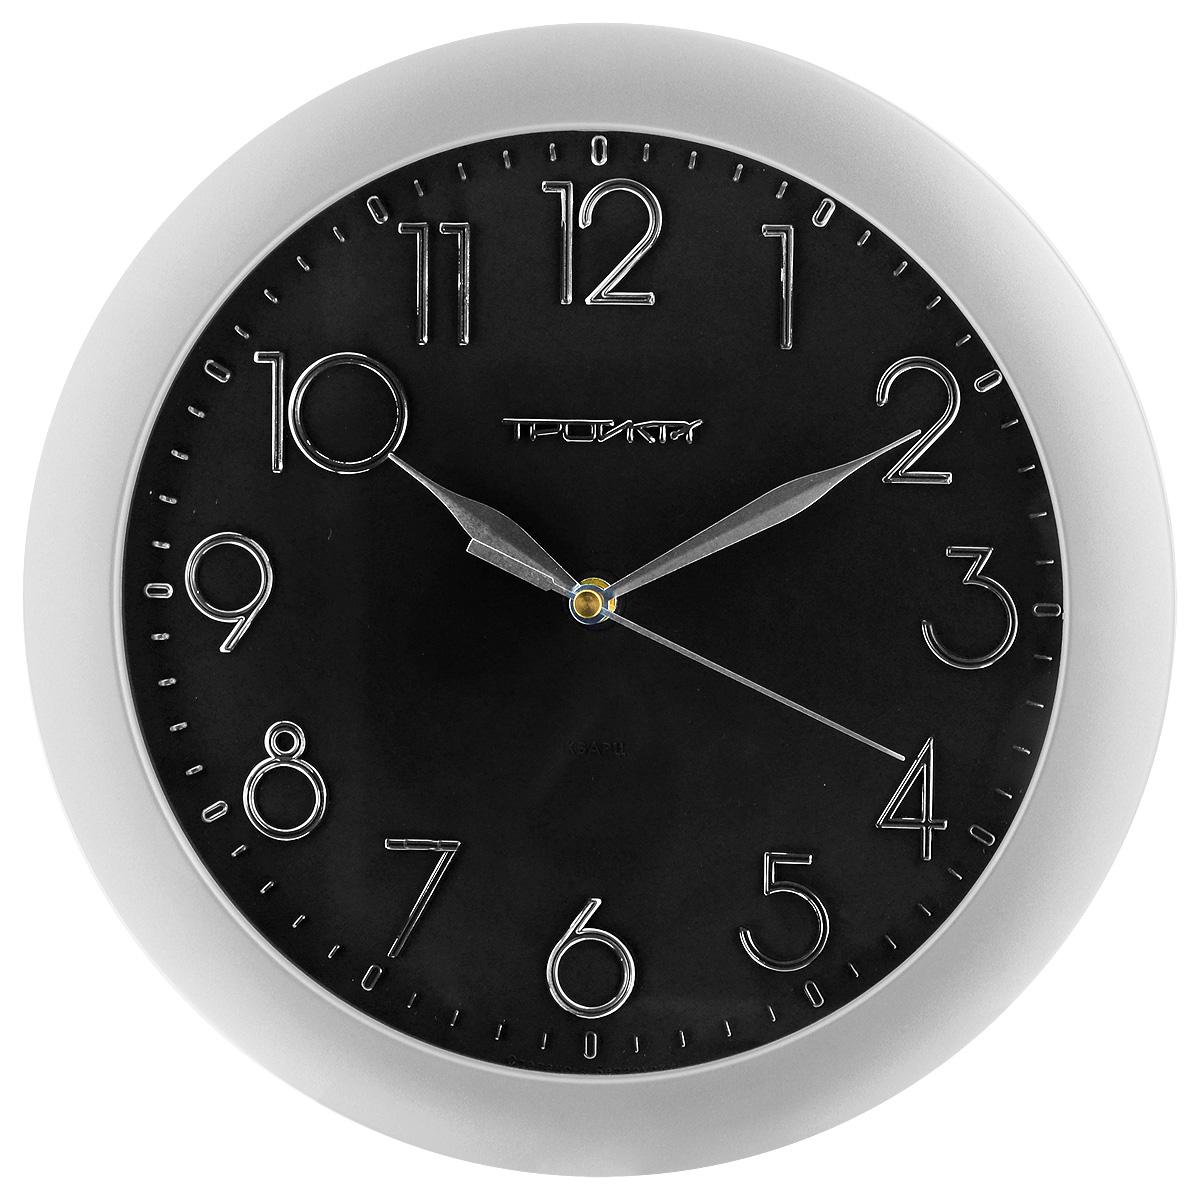 Часы настенные Troyka, цвет: серебристый, черный. 1117018211170182Настенные кварцевые часы с классическим дизайном Troyka, изготовленные из пластика, прекрасно подойдут под интерьер вашего дома. Круглые часы имеют три стрелки: часовую, минутную и секундную, циферблат защищен прозрачным пластиком. Диаметр часов: 29 см. Часы работают от 1 батарейки типа АА напряжением 1,5 В (входит в комплект).